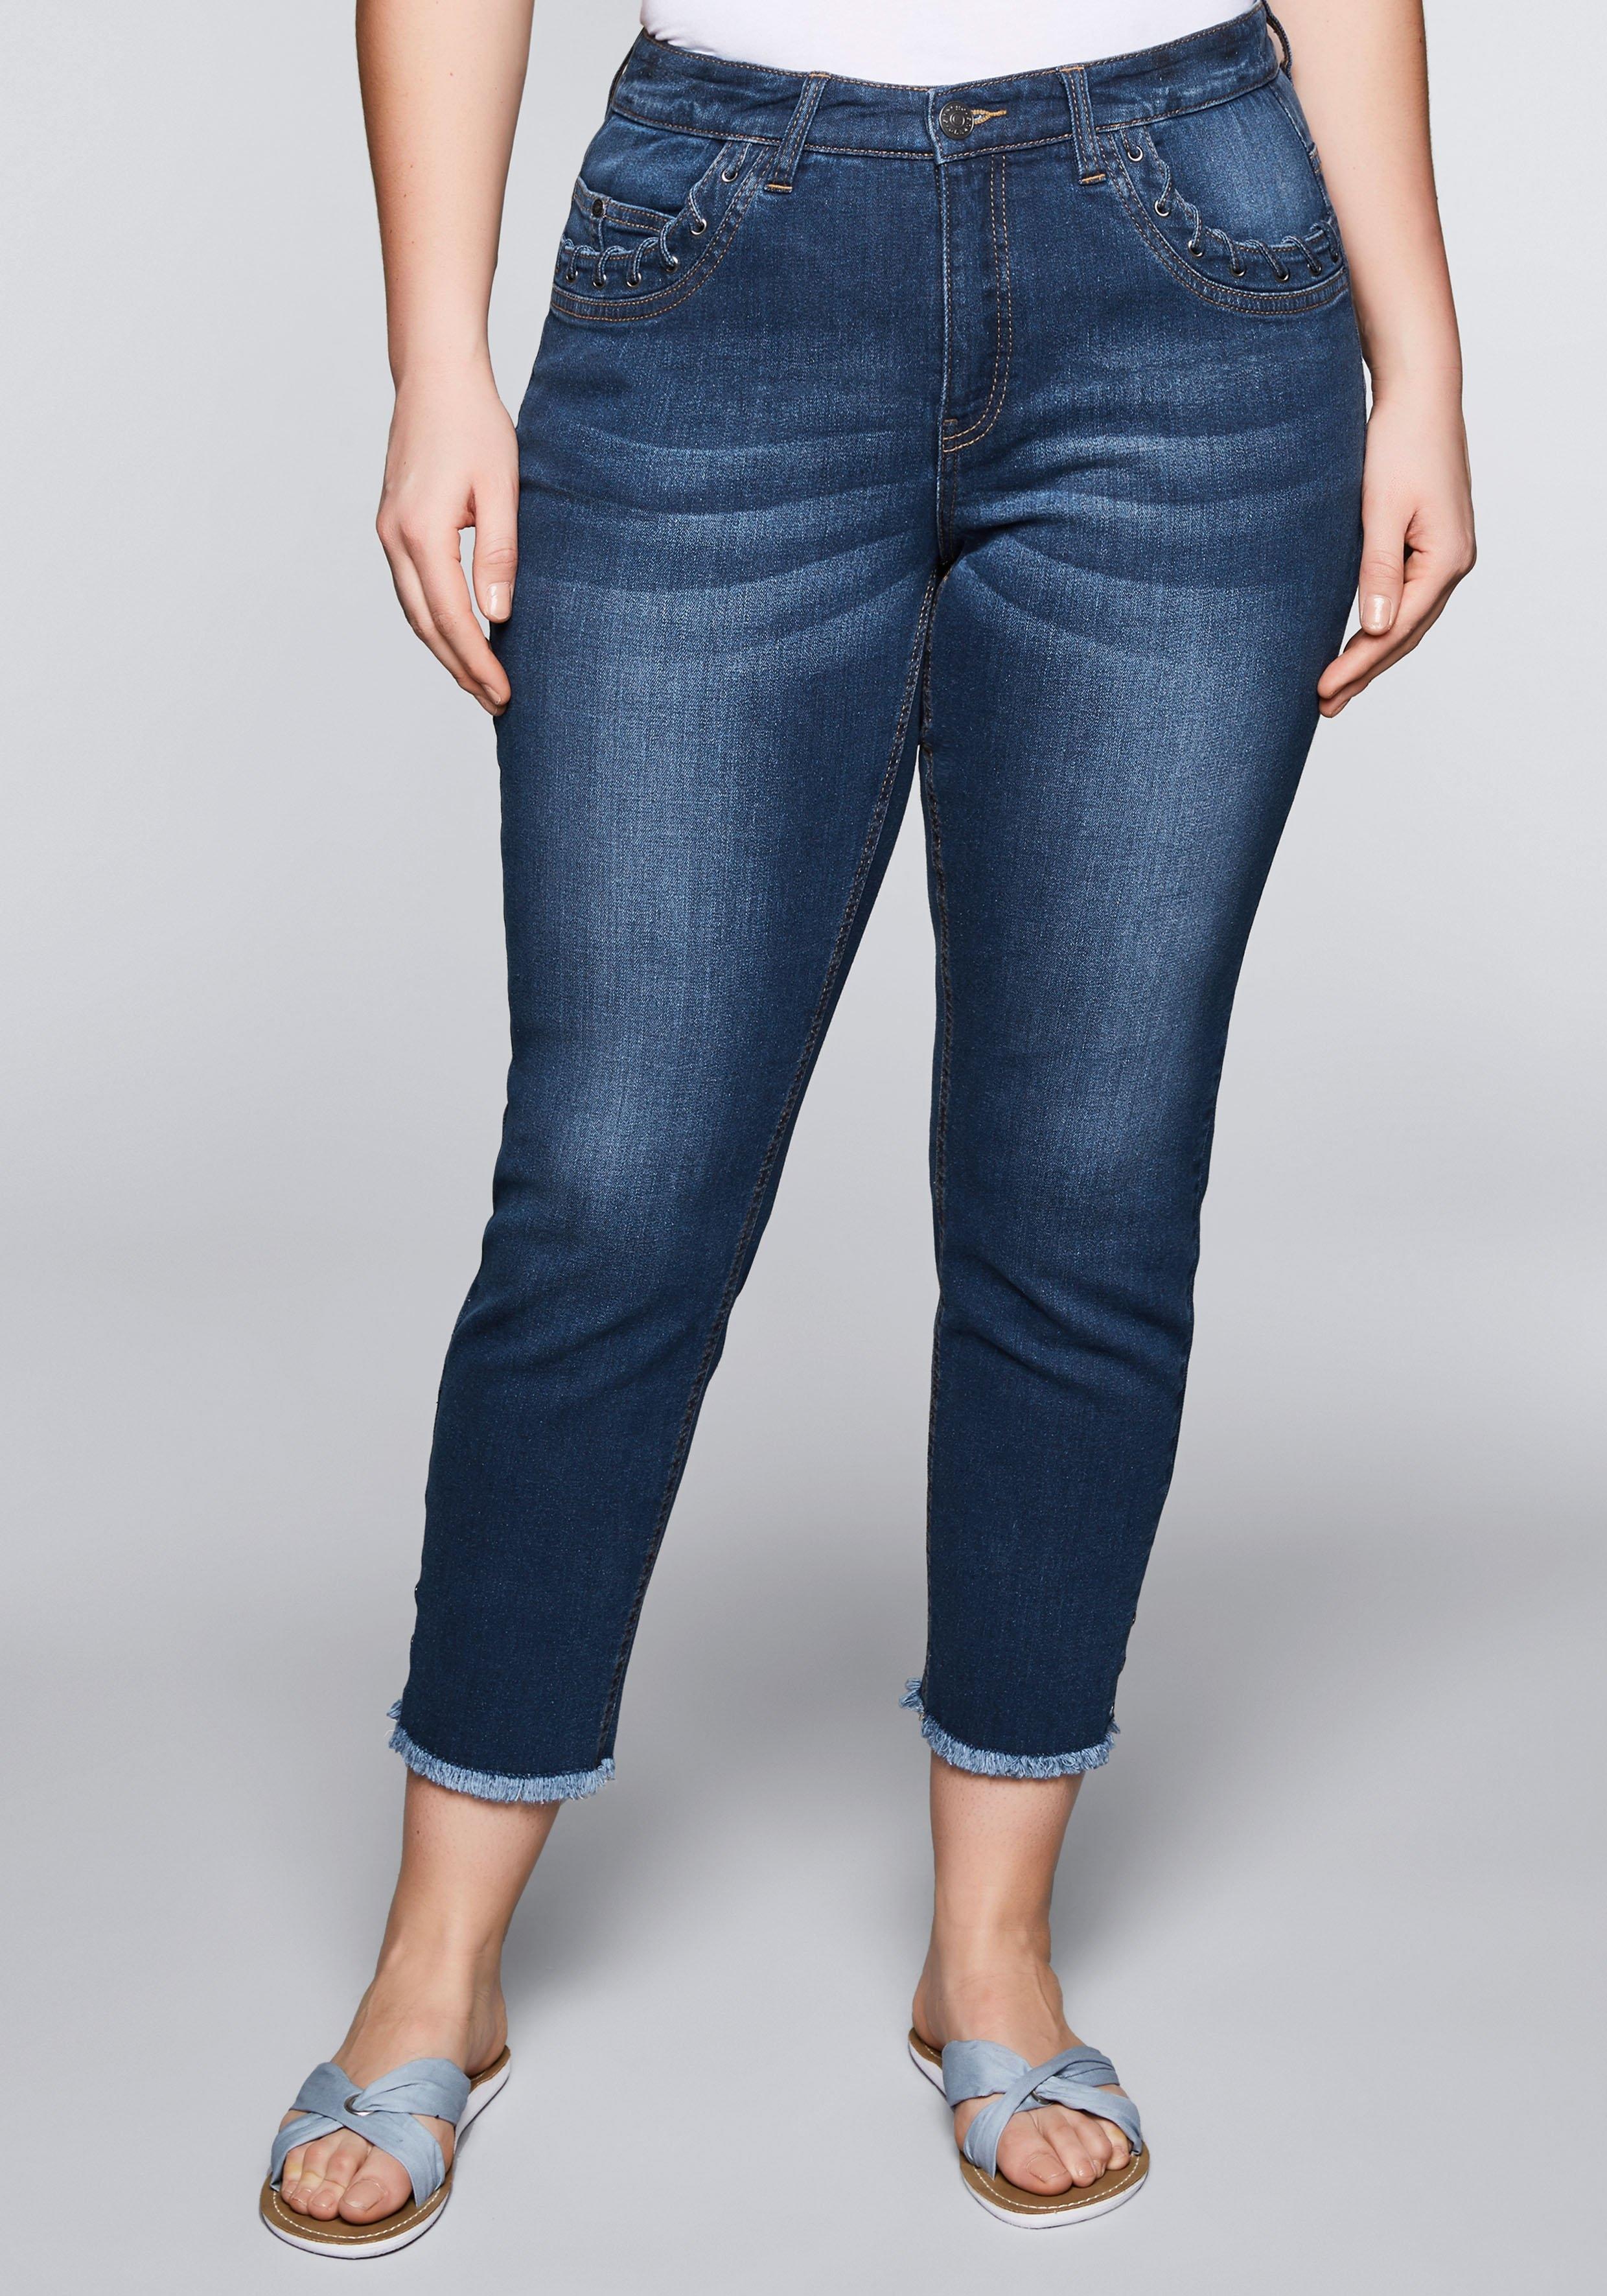 Sheego stretch jeans voordelig en veilig online kopen